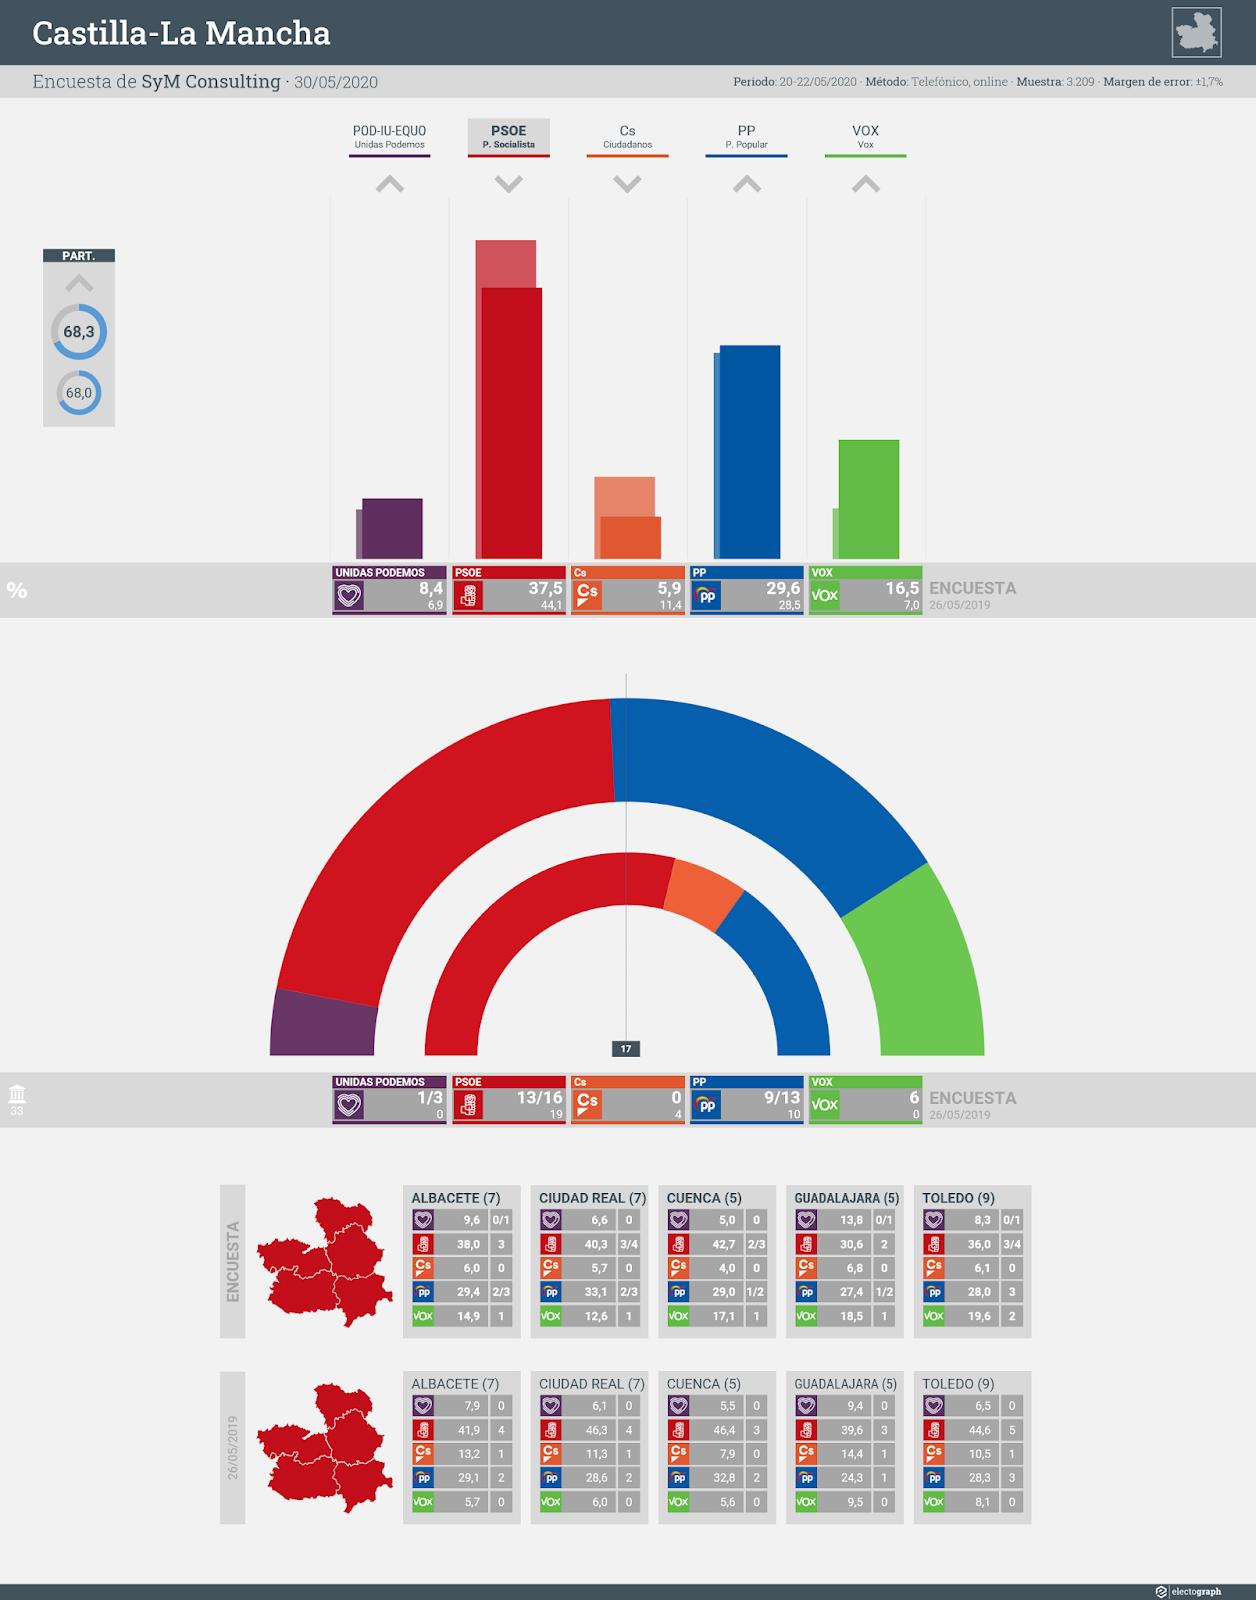 Gráfico de la encuesta para elecciones autonómicas en Castilla-La Mancha realizada por SyM Consulting, 30 de mayo de 2020